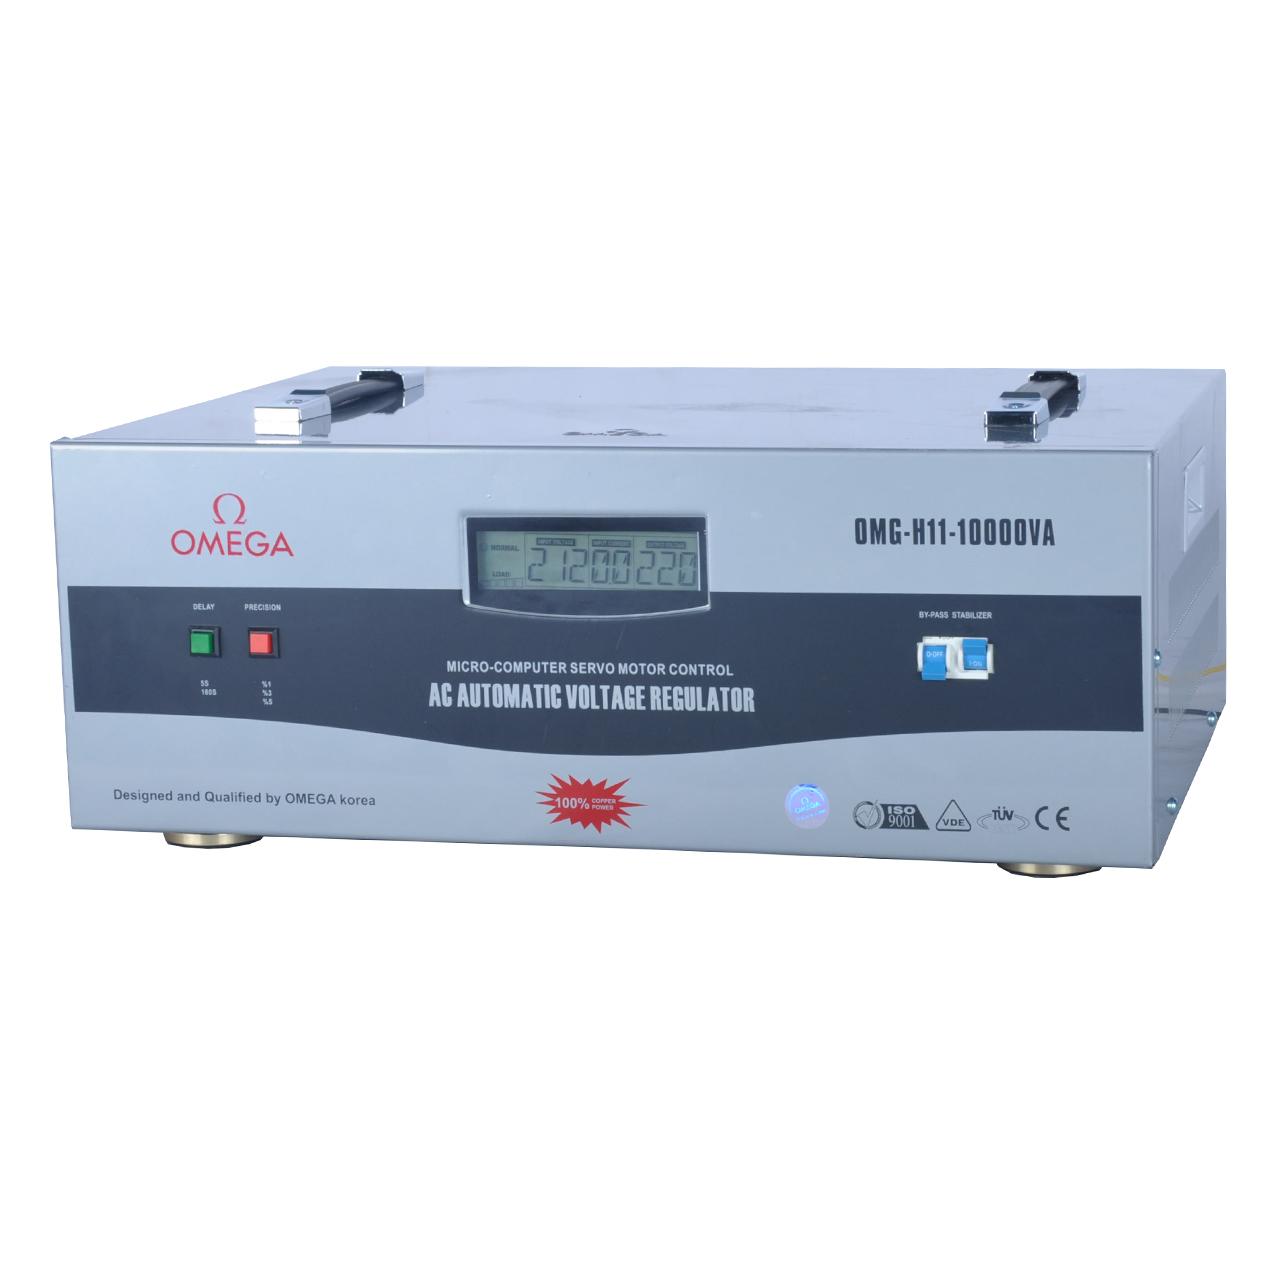 استابلایزر امگا مدل OMG-H11-10KVA ظرفیت 10000VA